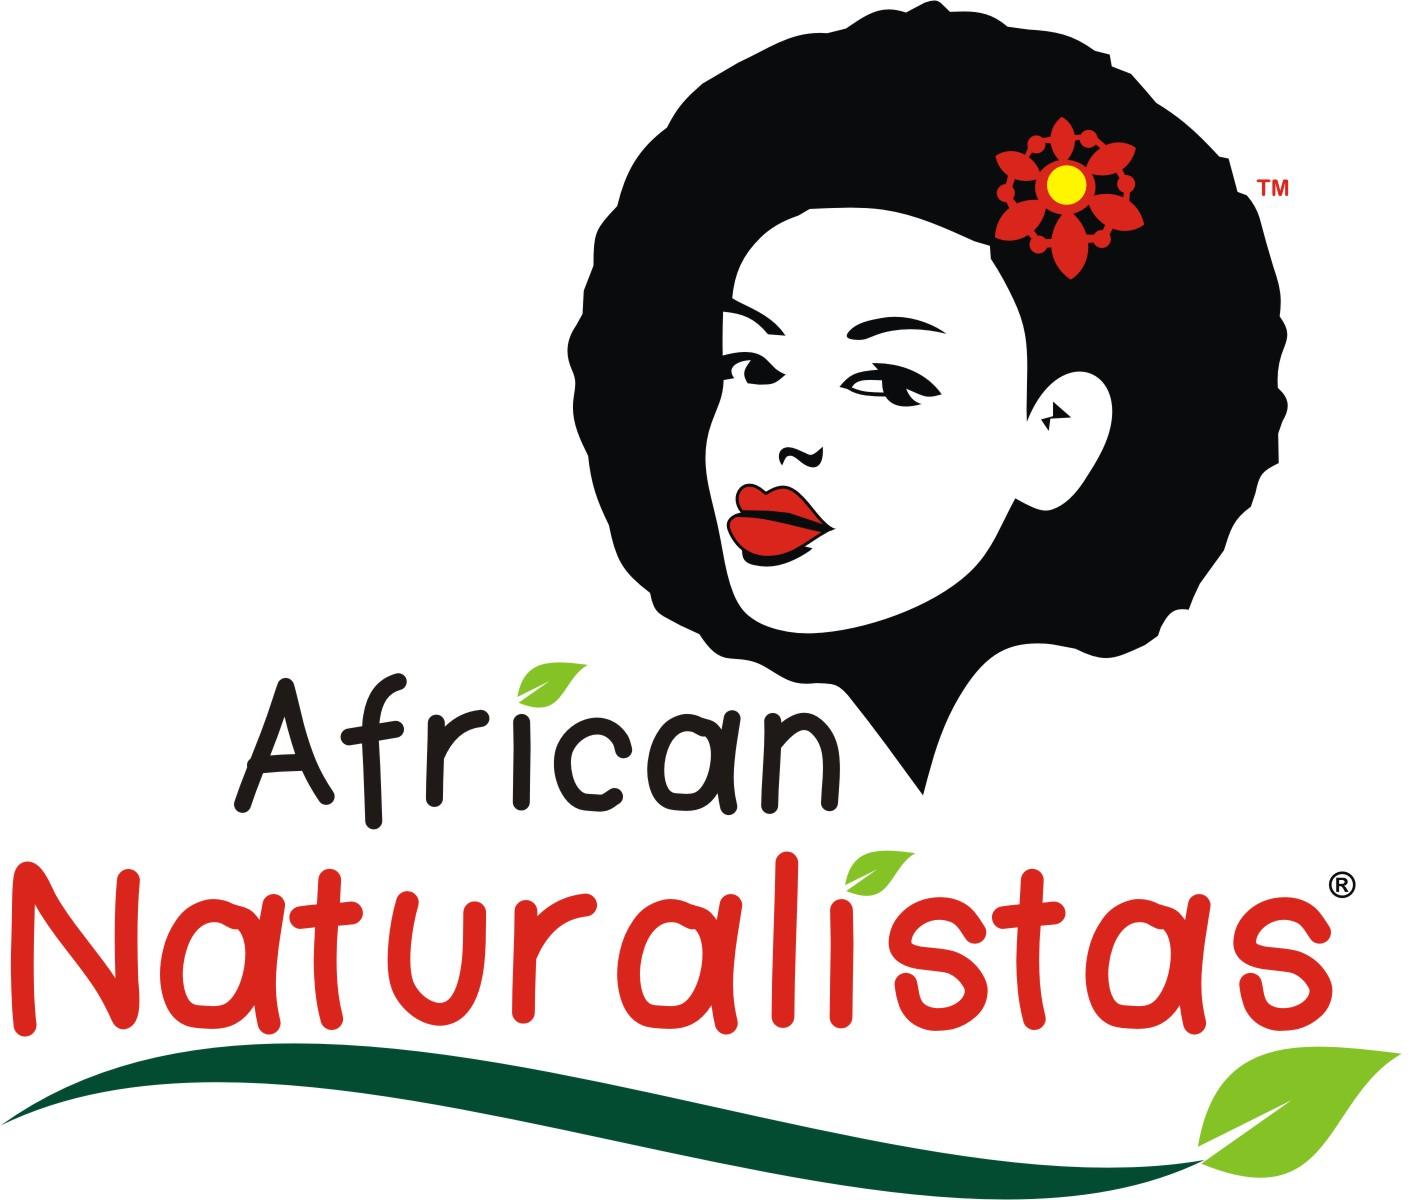 African Naturalistas